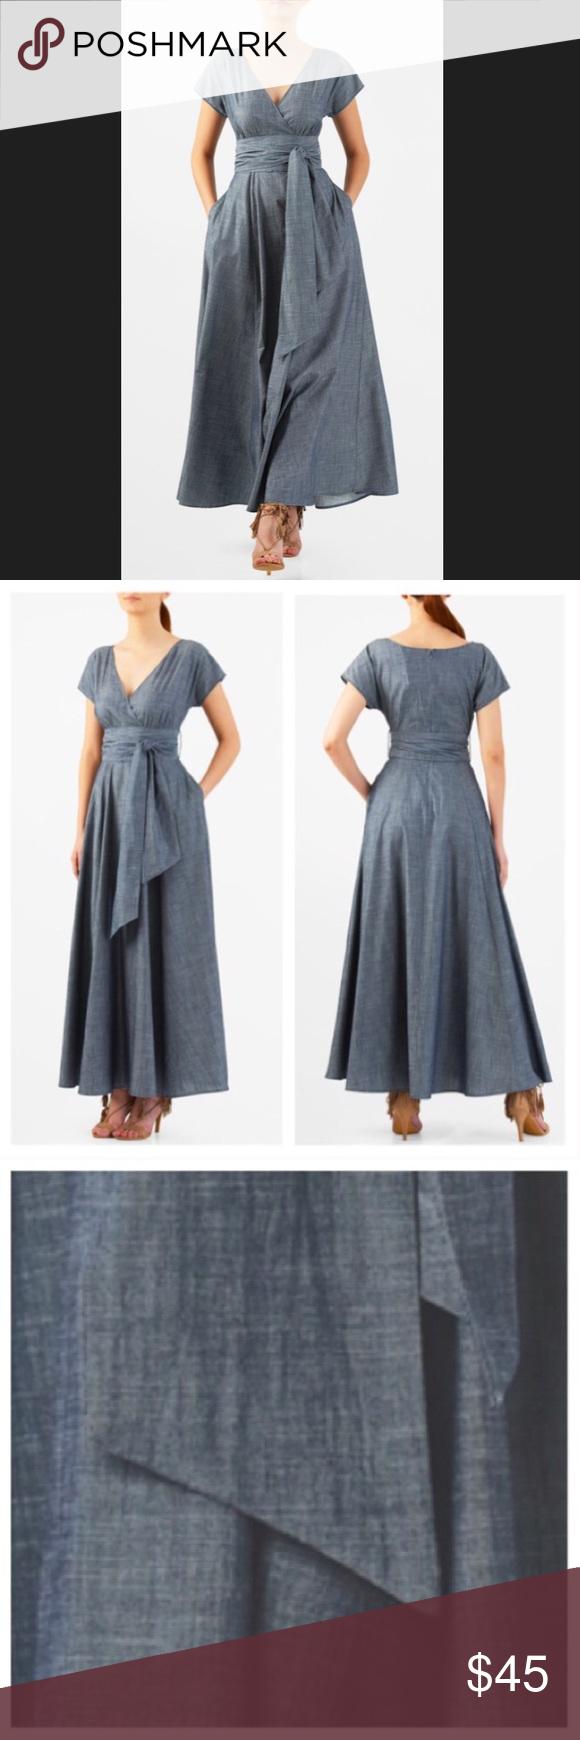 Maxi dress 20w